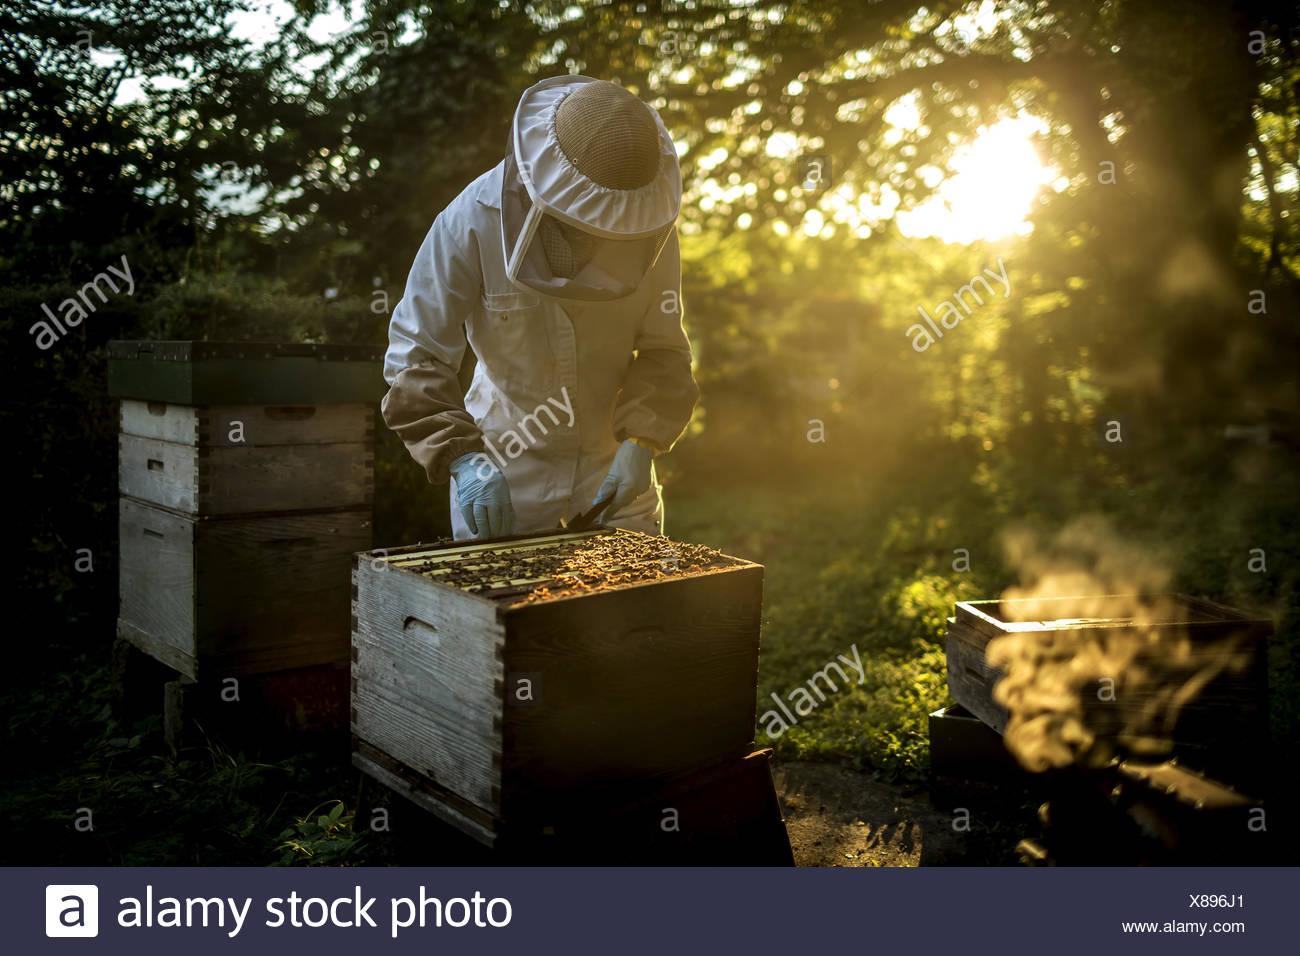 Apicoltore che indossa una tuta di apicoltura con mesh maschera facciale, ispezionare un alveare aperto. Preparazione per la raccolta del miele. Immagini Stock